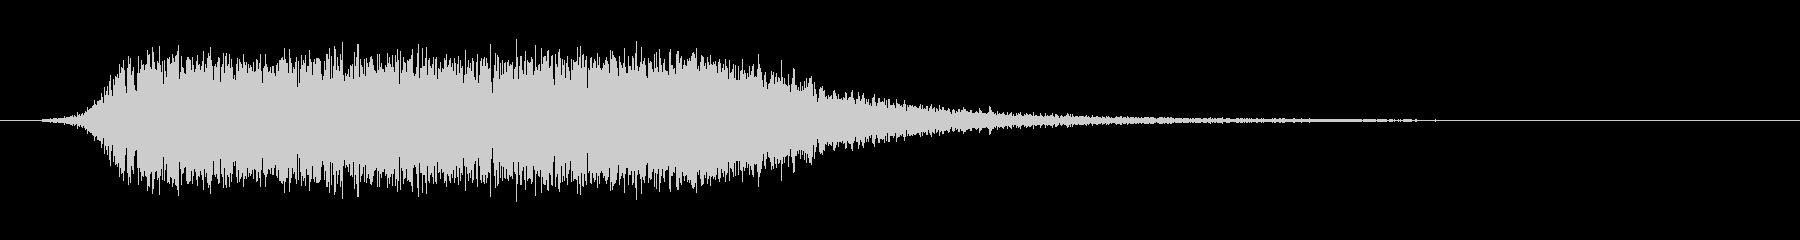 悲鳴のようなホラー系効果音の未再生の波形